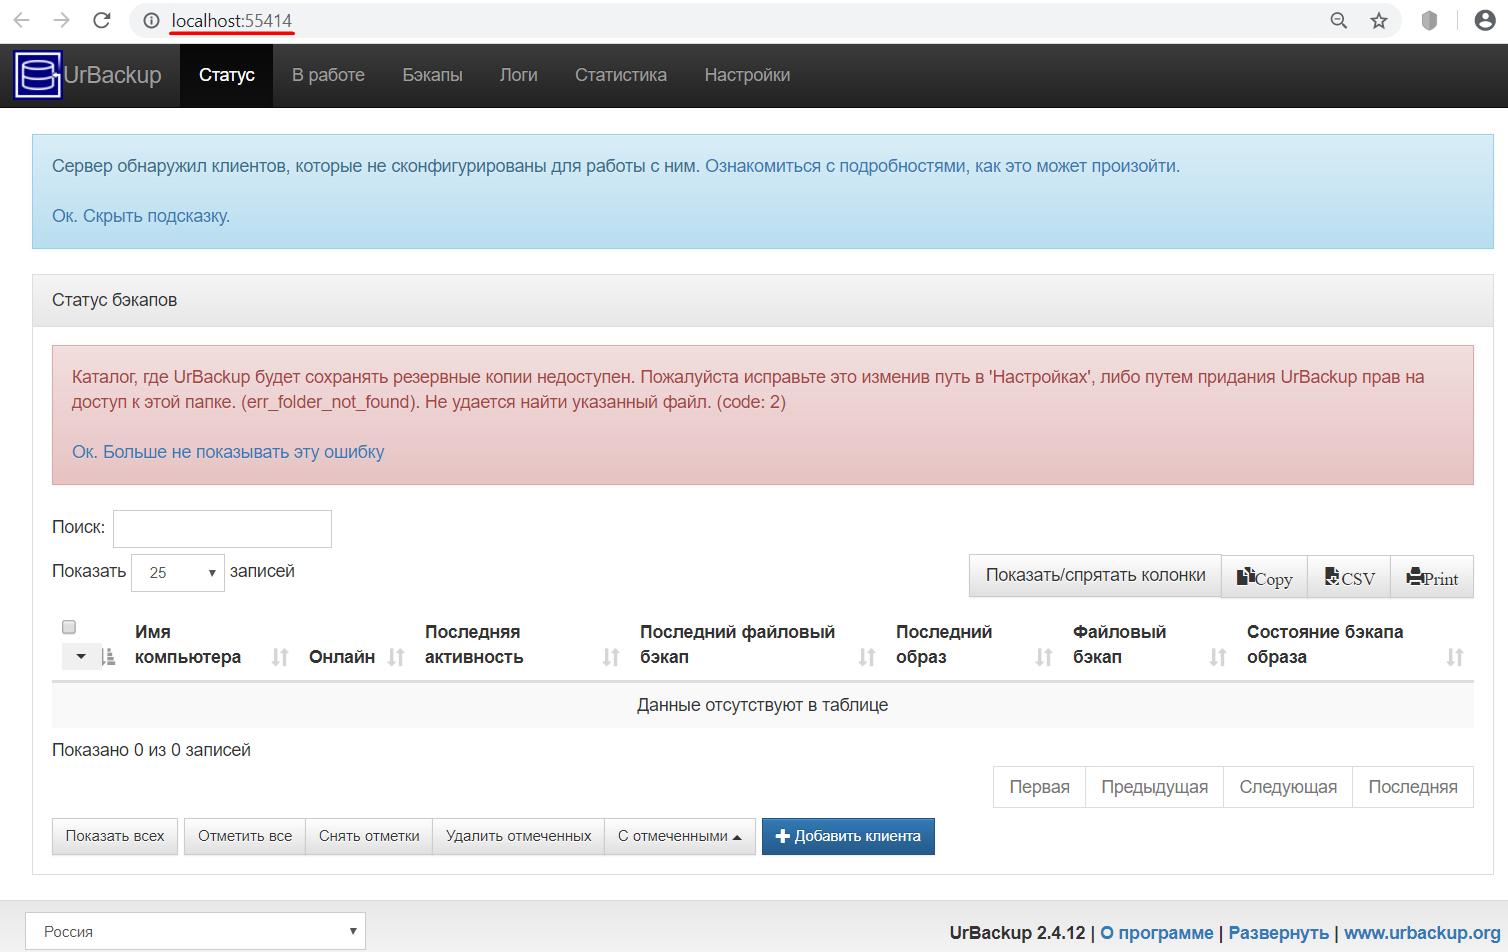 Панель управления сервера UrBackup